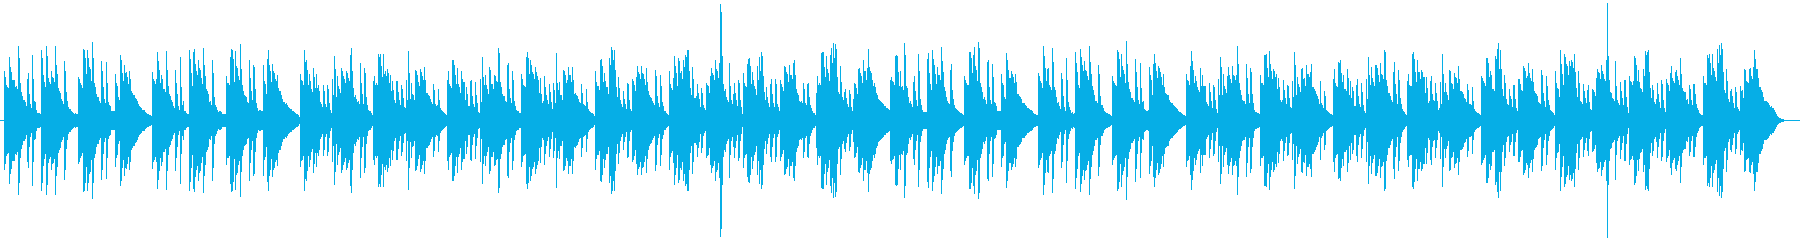 円夜景の再生済みの波形